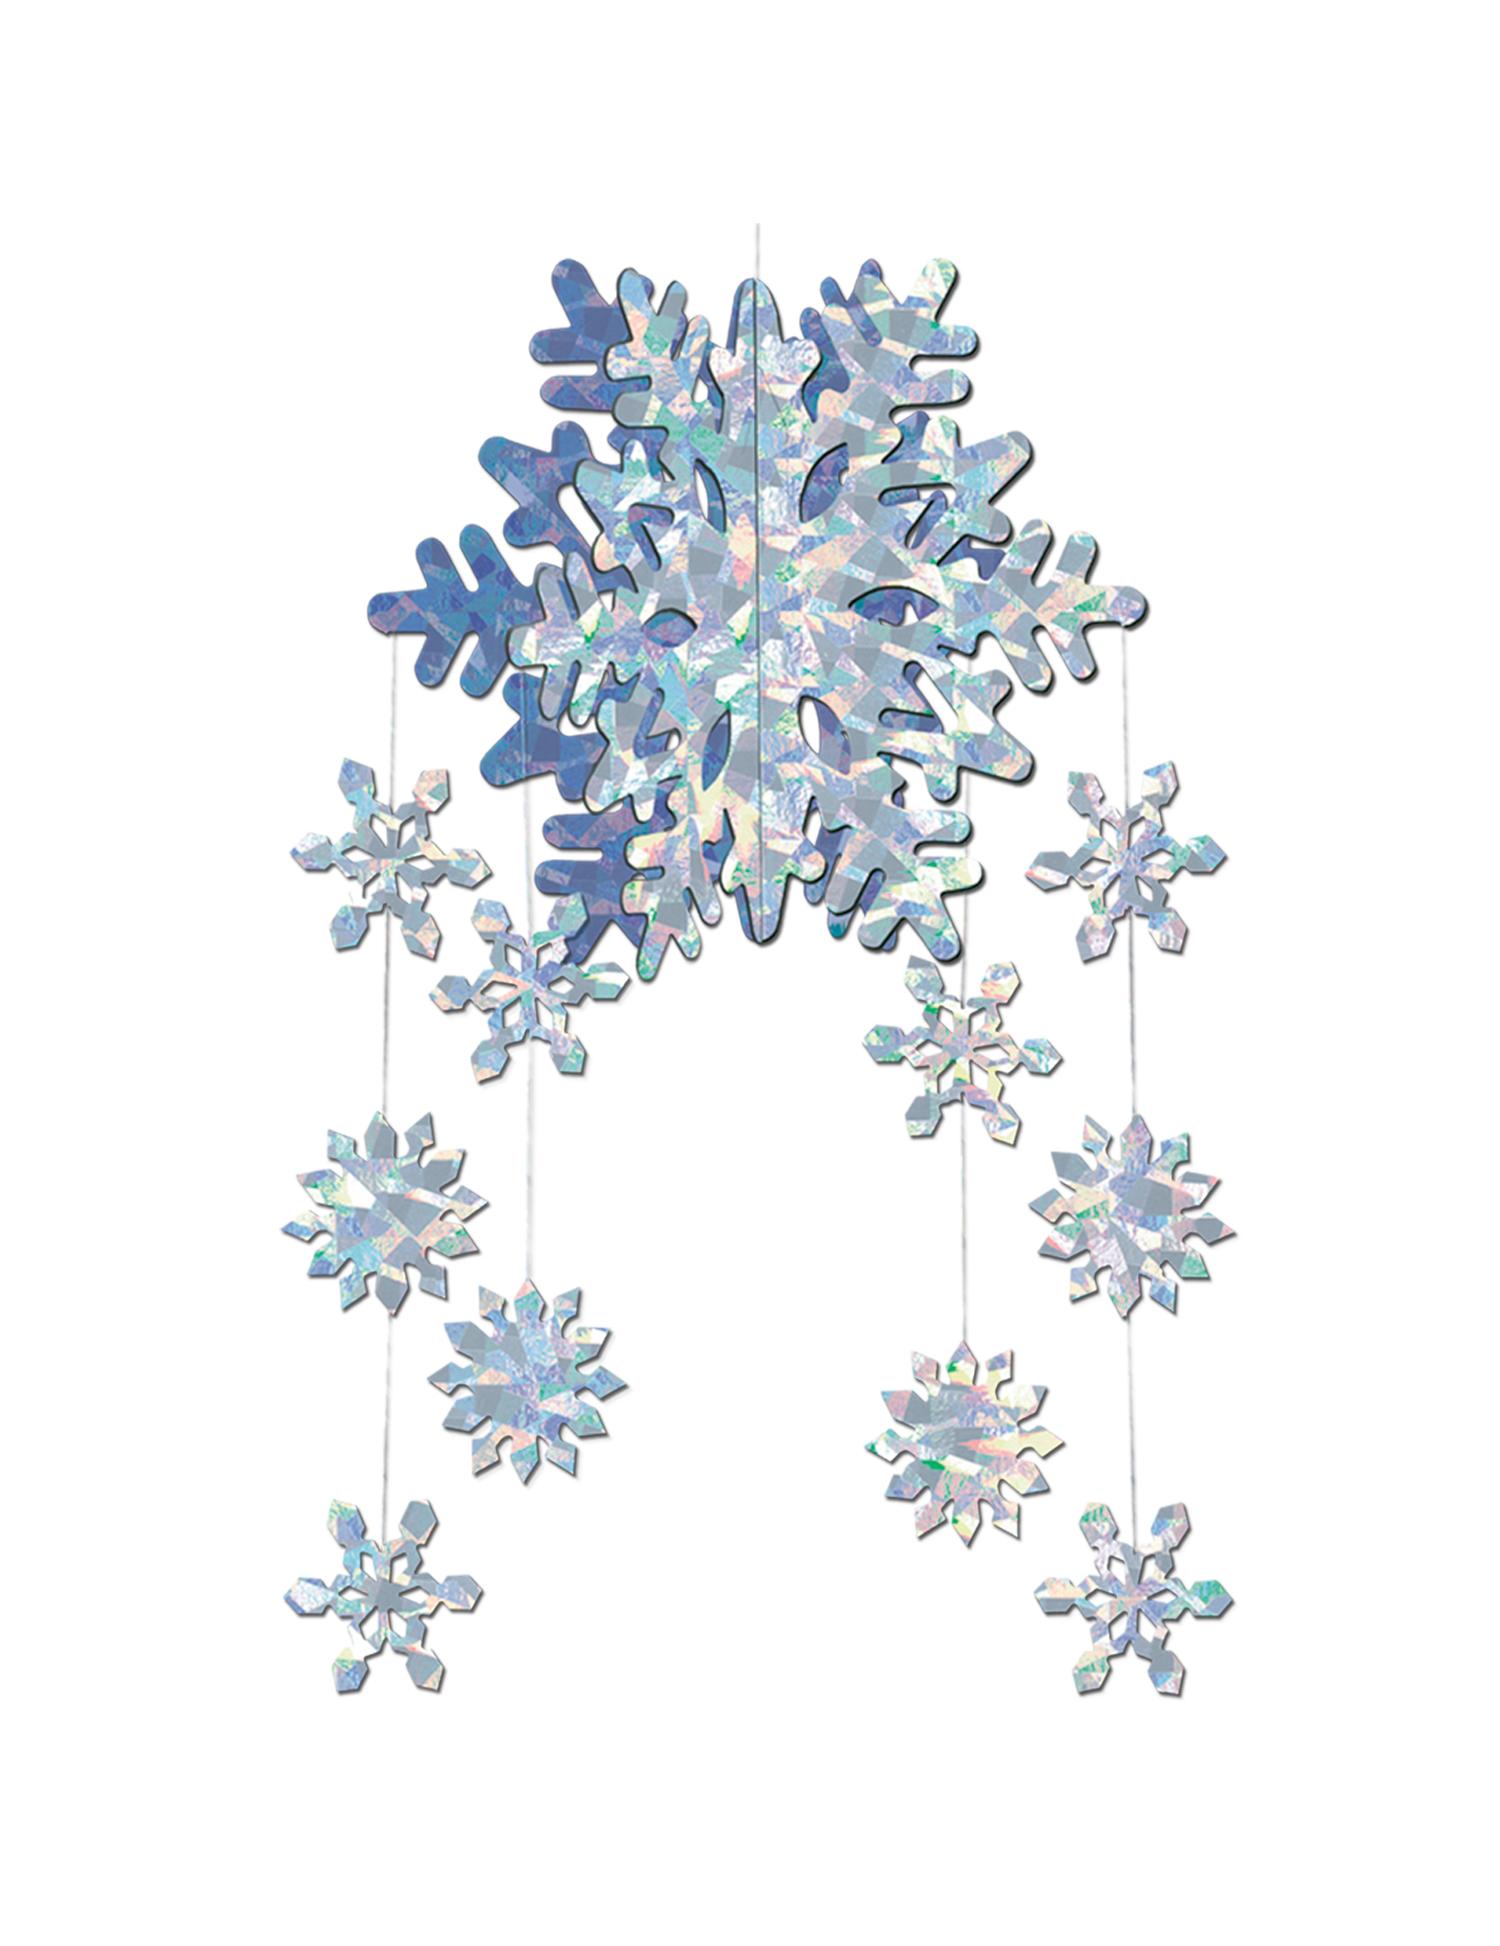 D coration suspendre flocons de neige prismatiques 3 d - Flocon de neige decoration ...